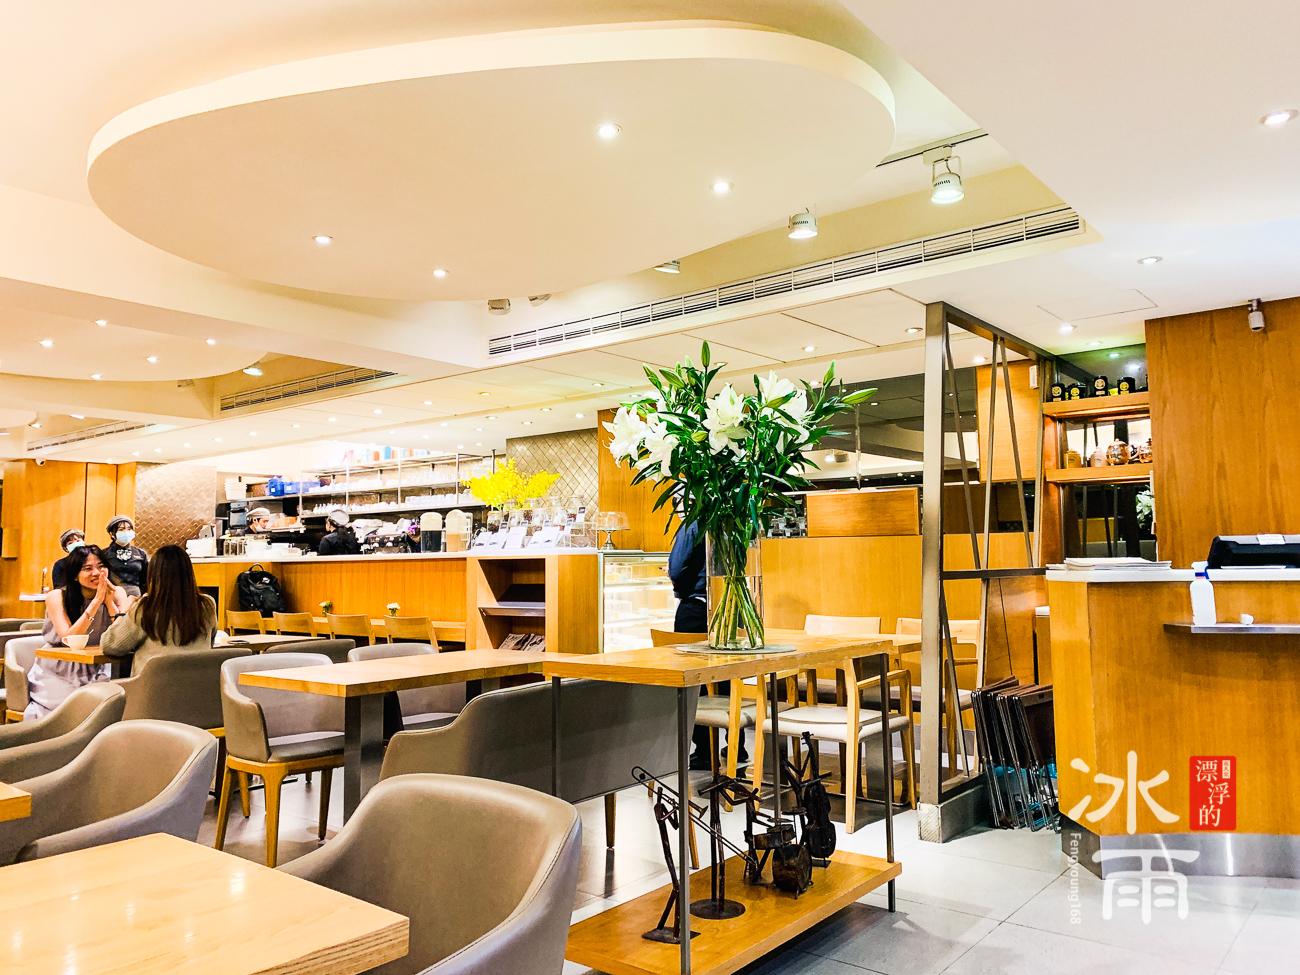 佐曼咖啡Jumane Cafe|隱型格屏